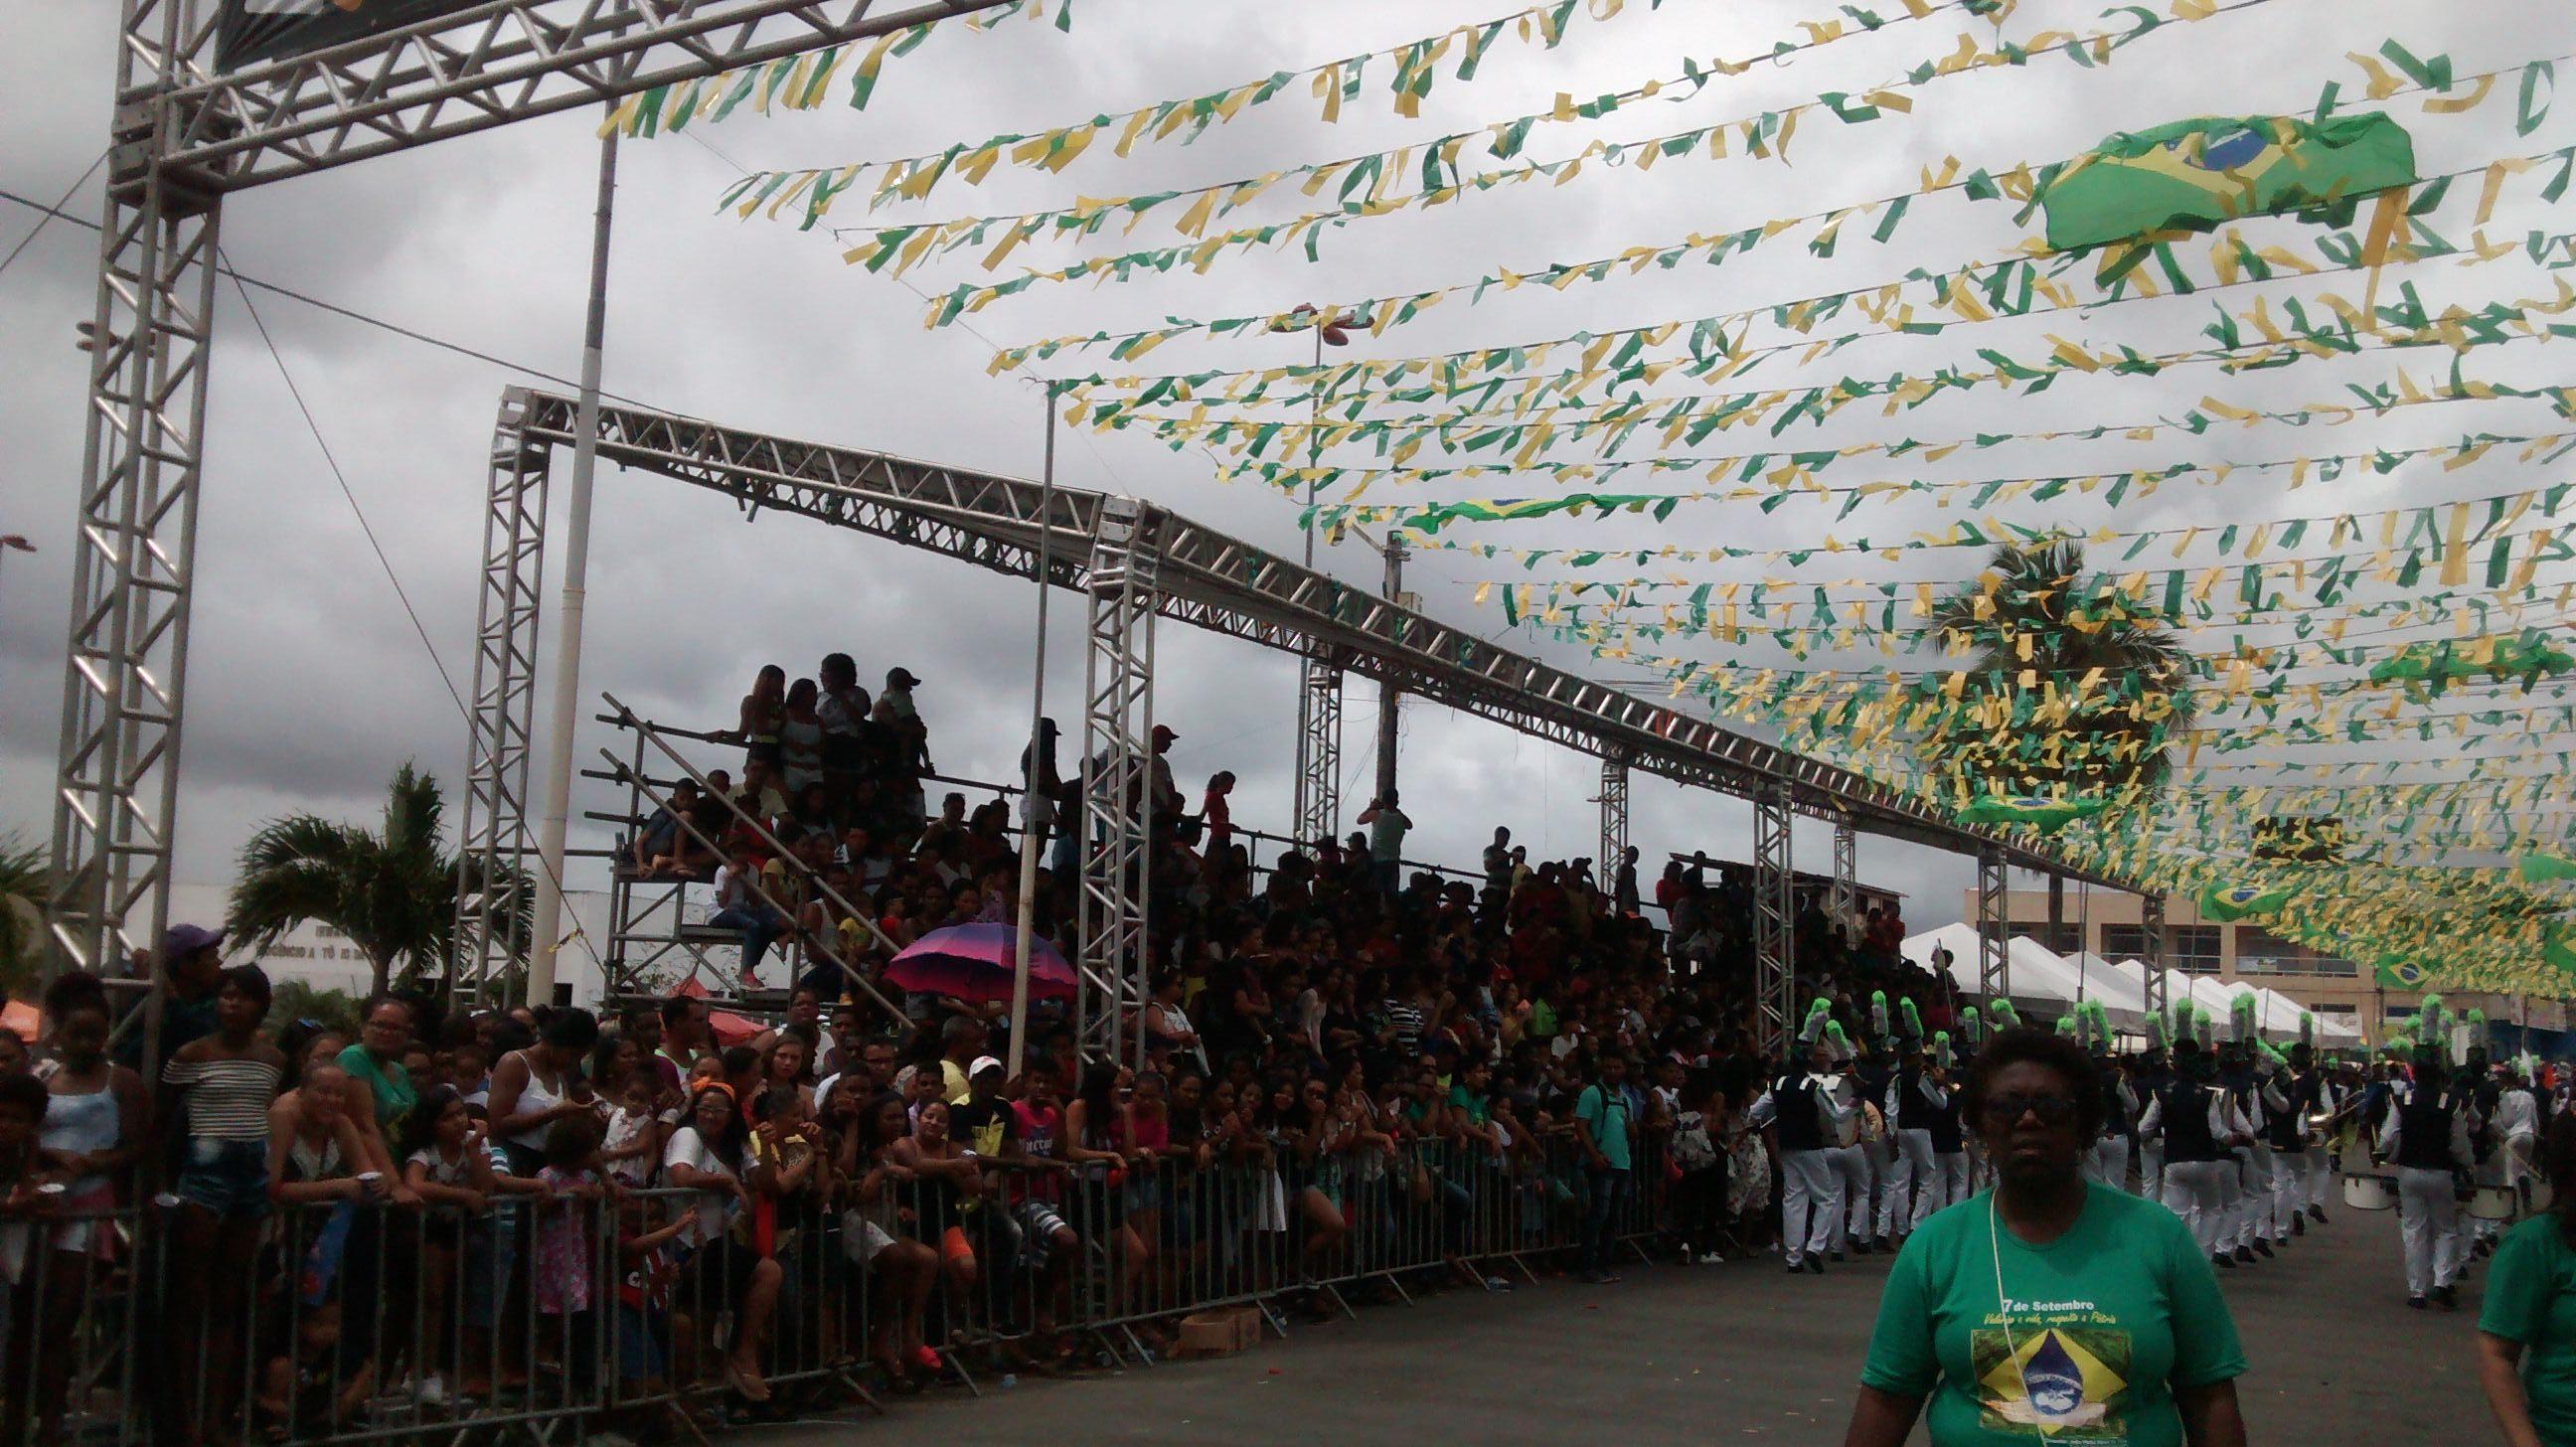 Prefeitura estima que 10 mil pessoas prestigiaram o Sete de Setembro